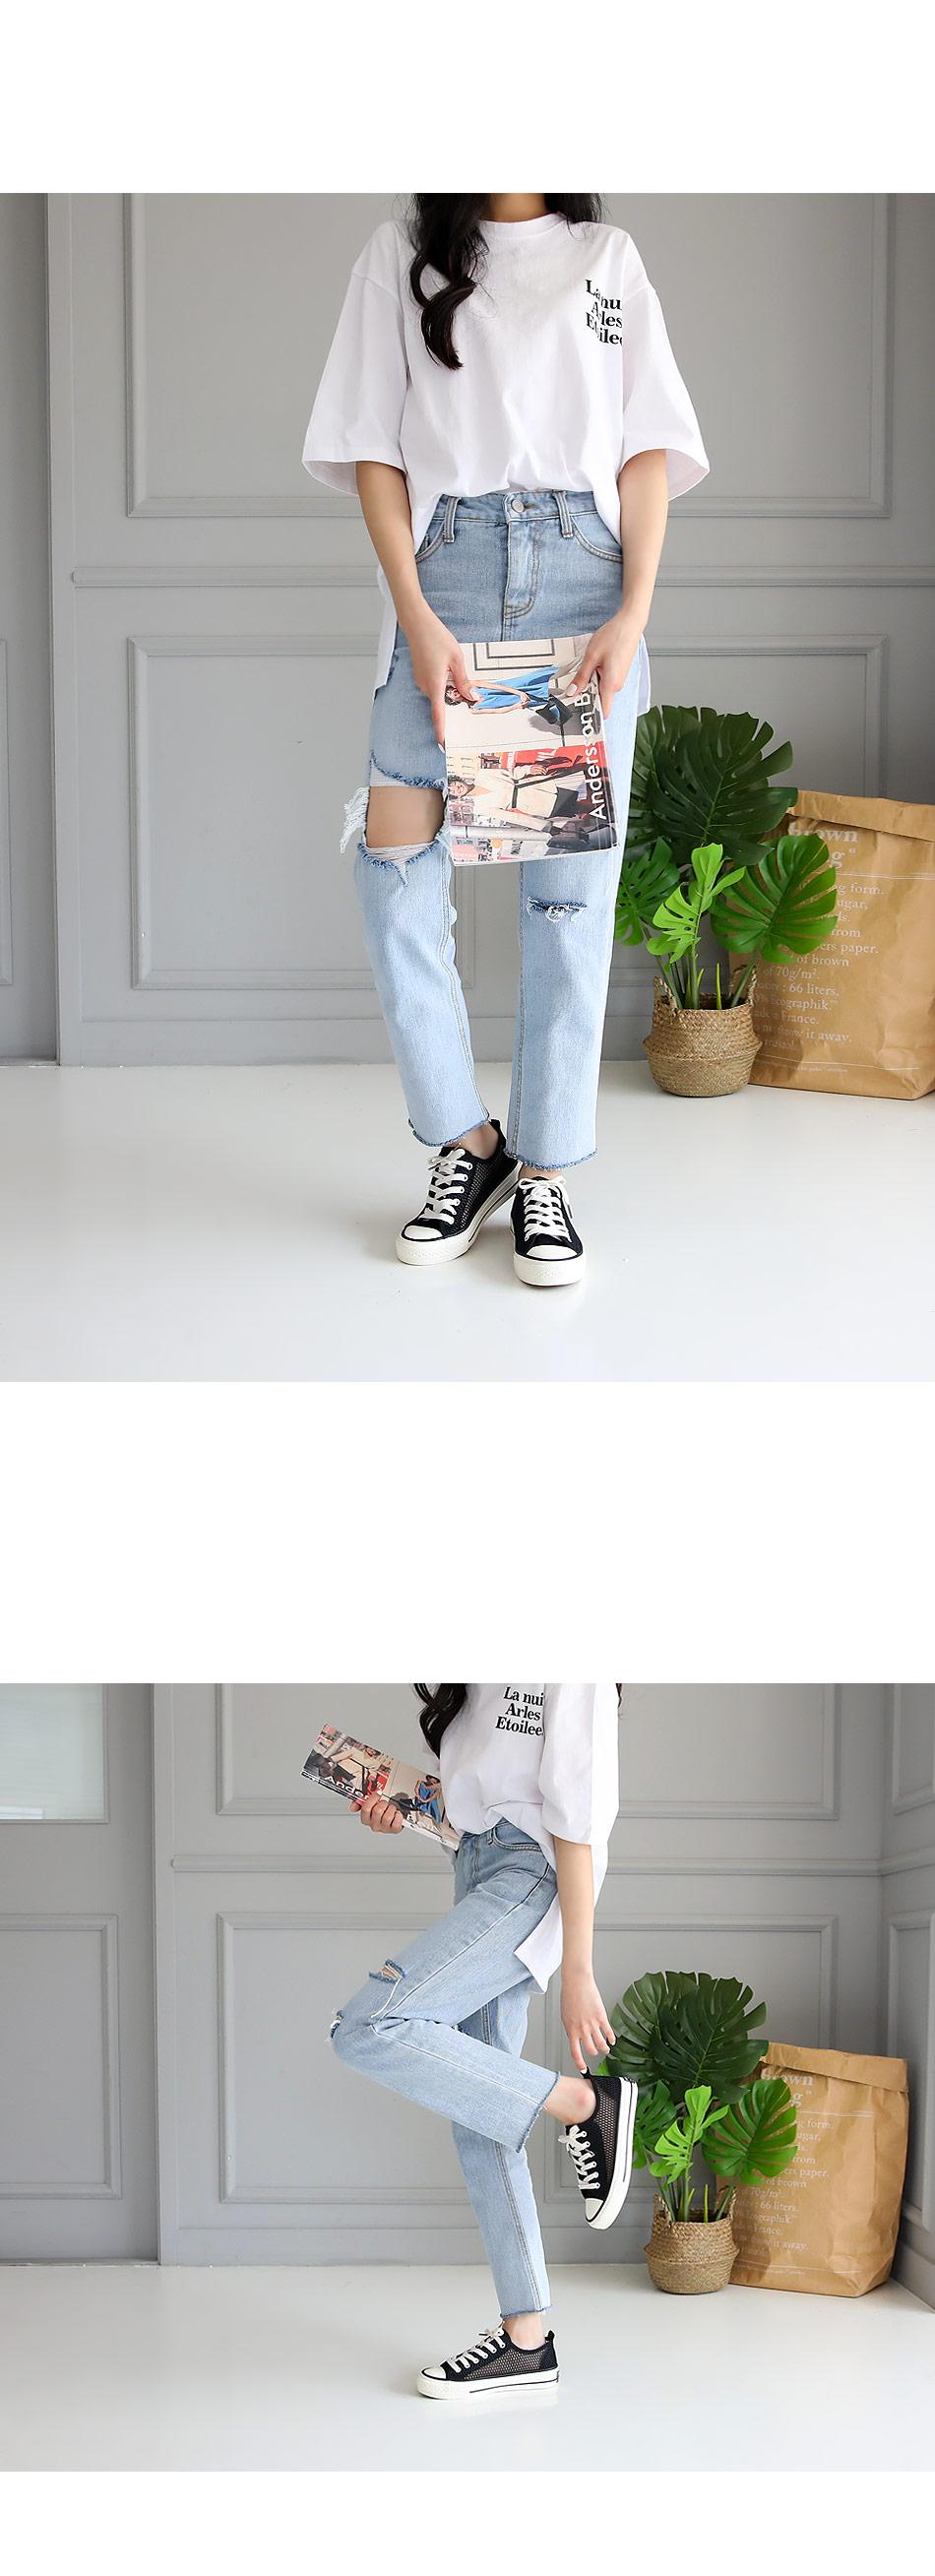 Boel Mash Sneakers 2cm